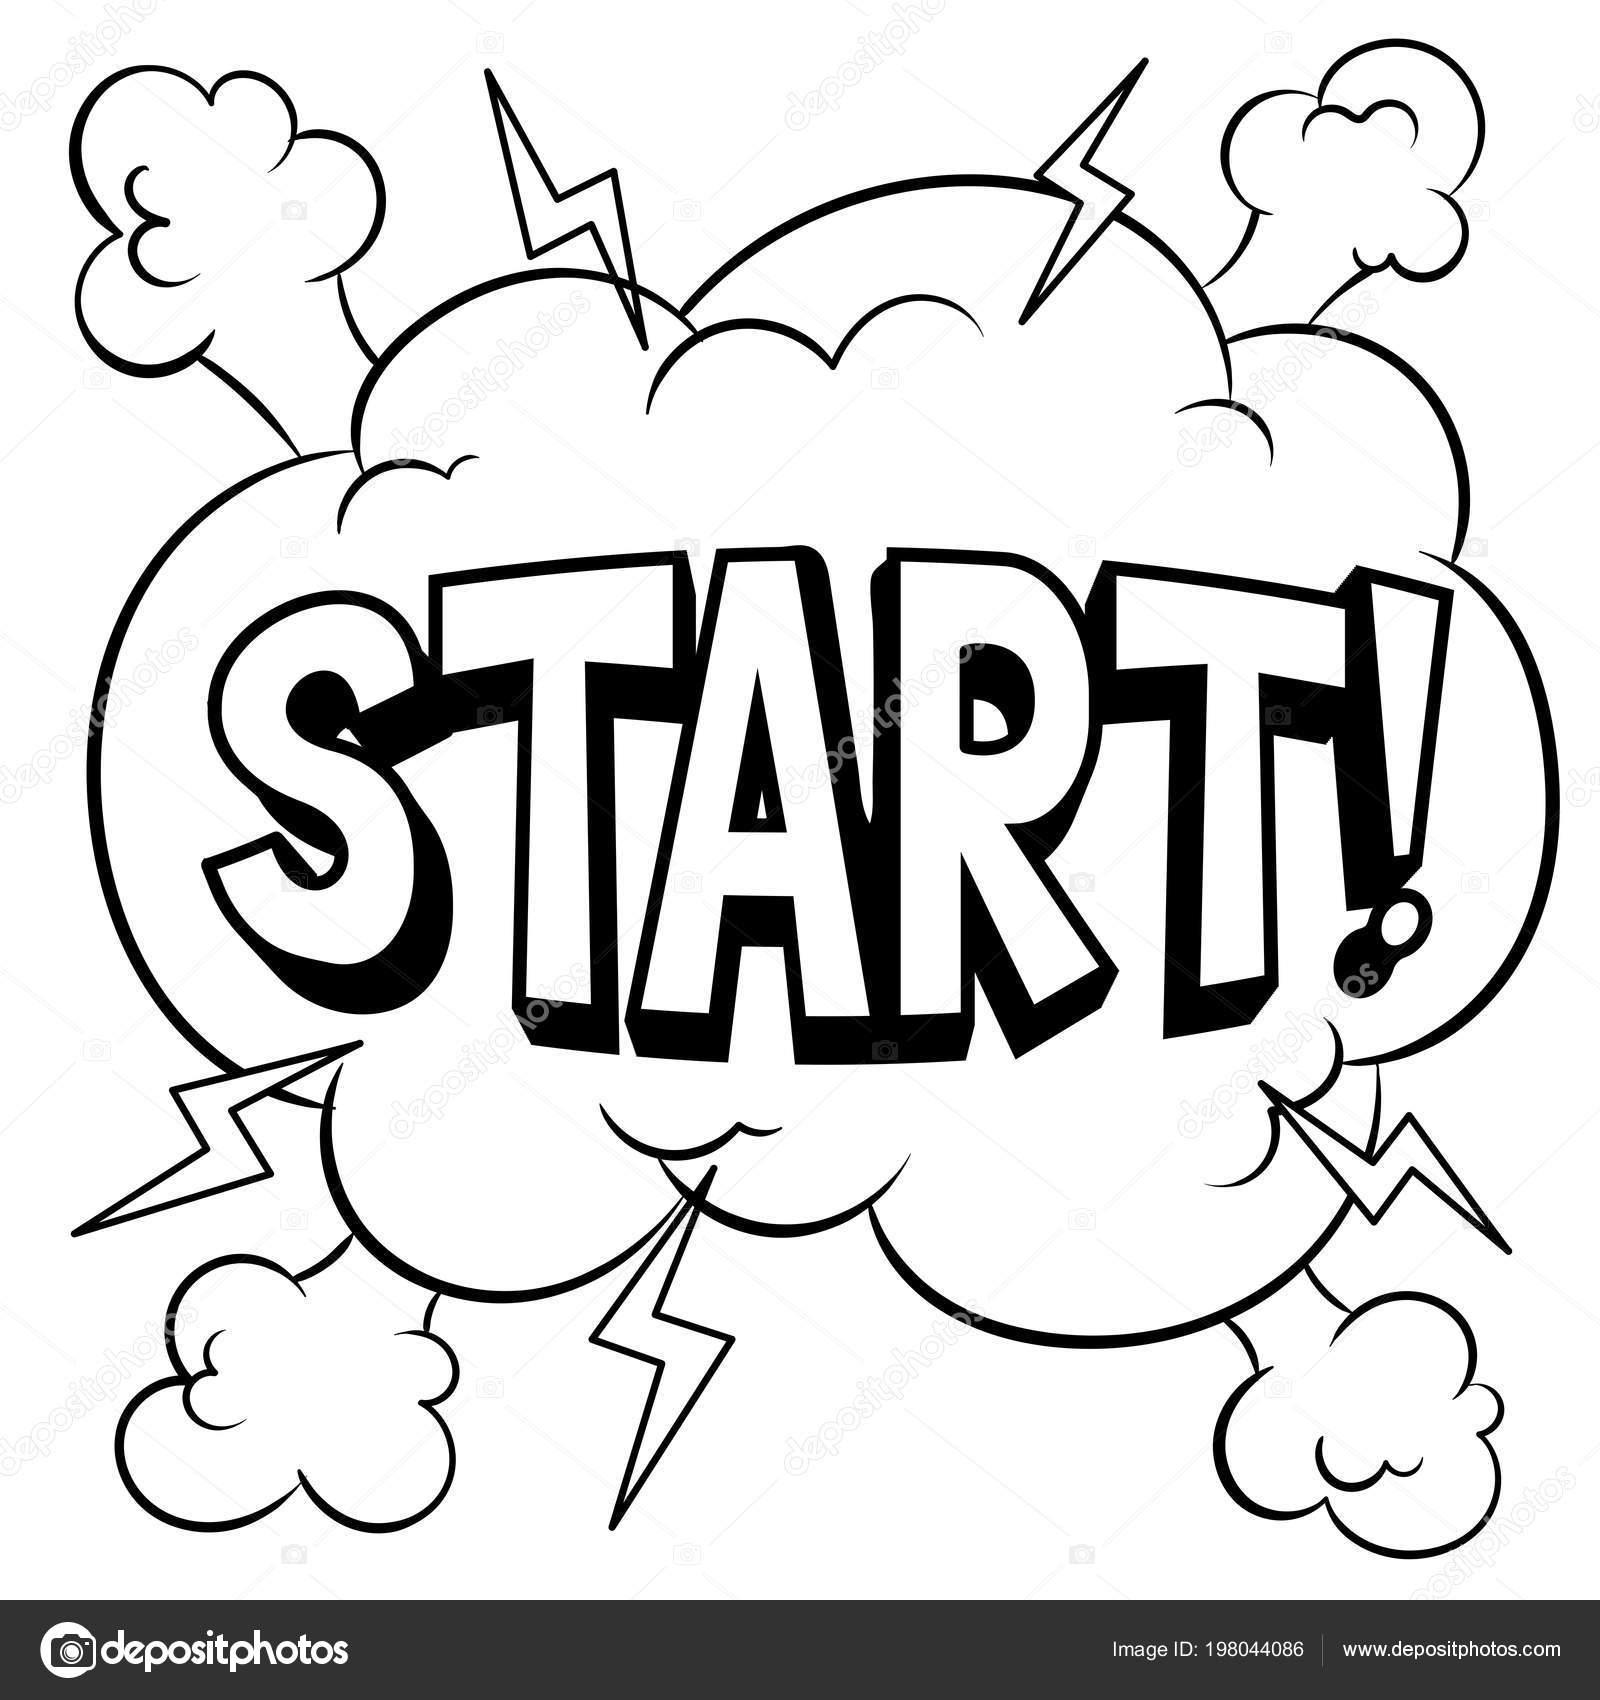 Inicio palabra cómic para colorear ilustración vectorial — Archivo ...